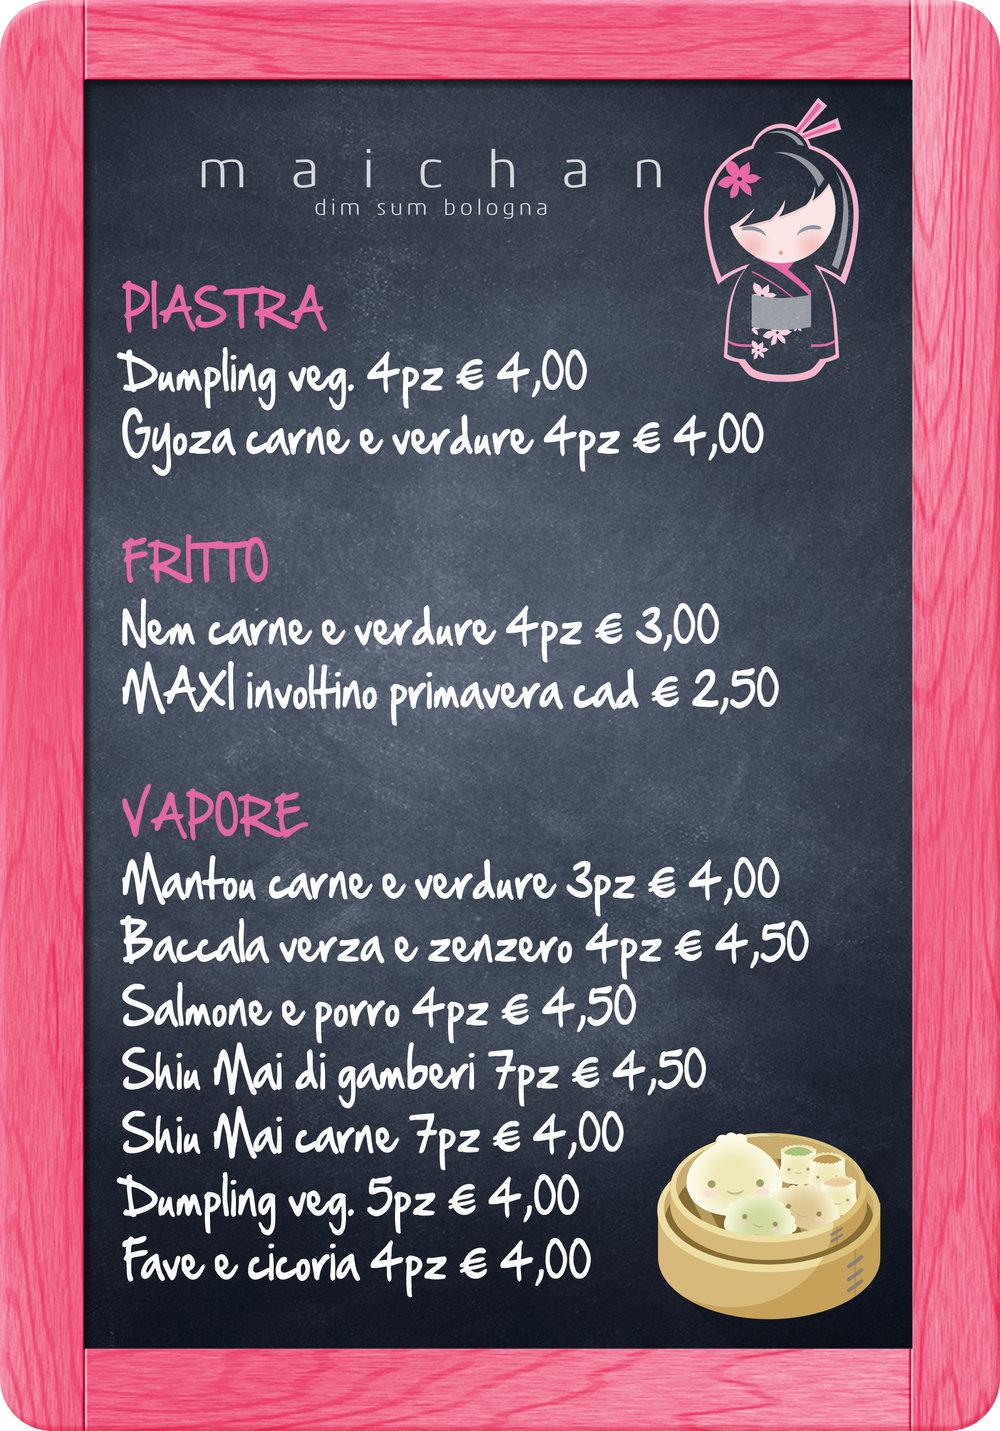 Maichan-DimSum-Bologna-Mercato-delle-Erbe-via-Ugo-Bassi-Lavagna-Asporto.jpg